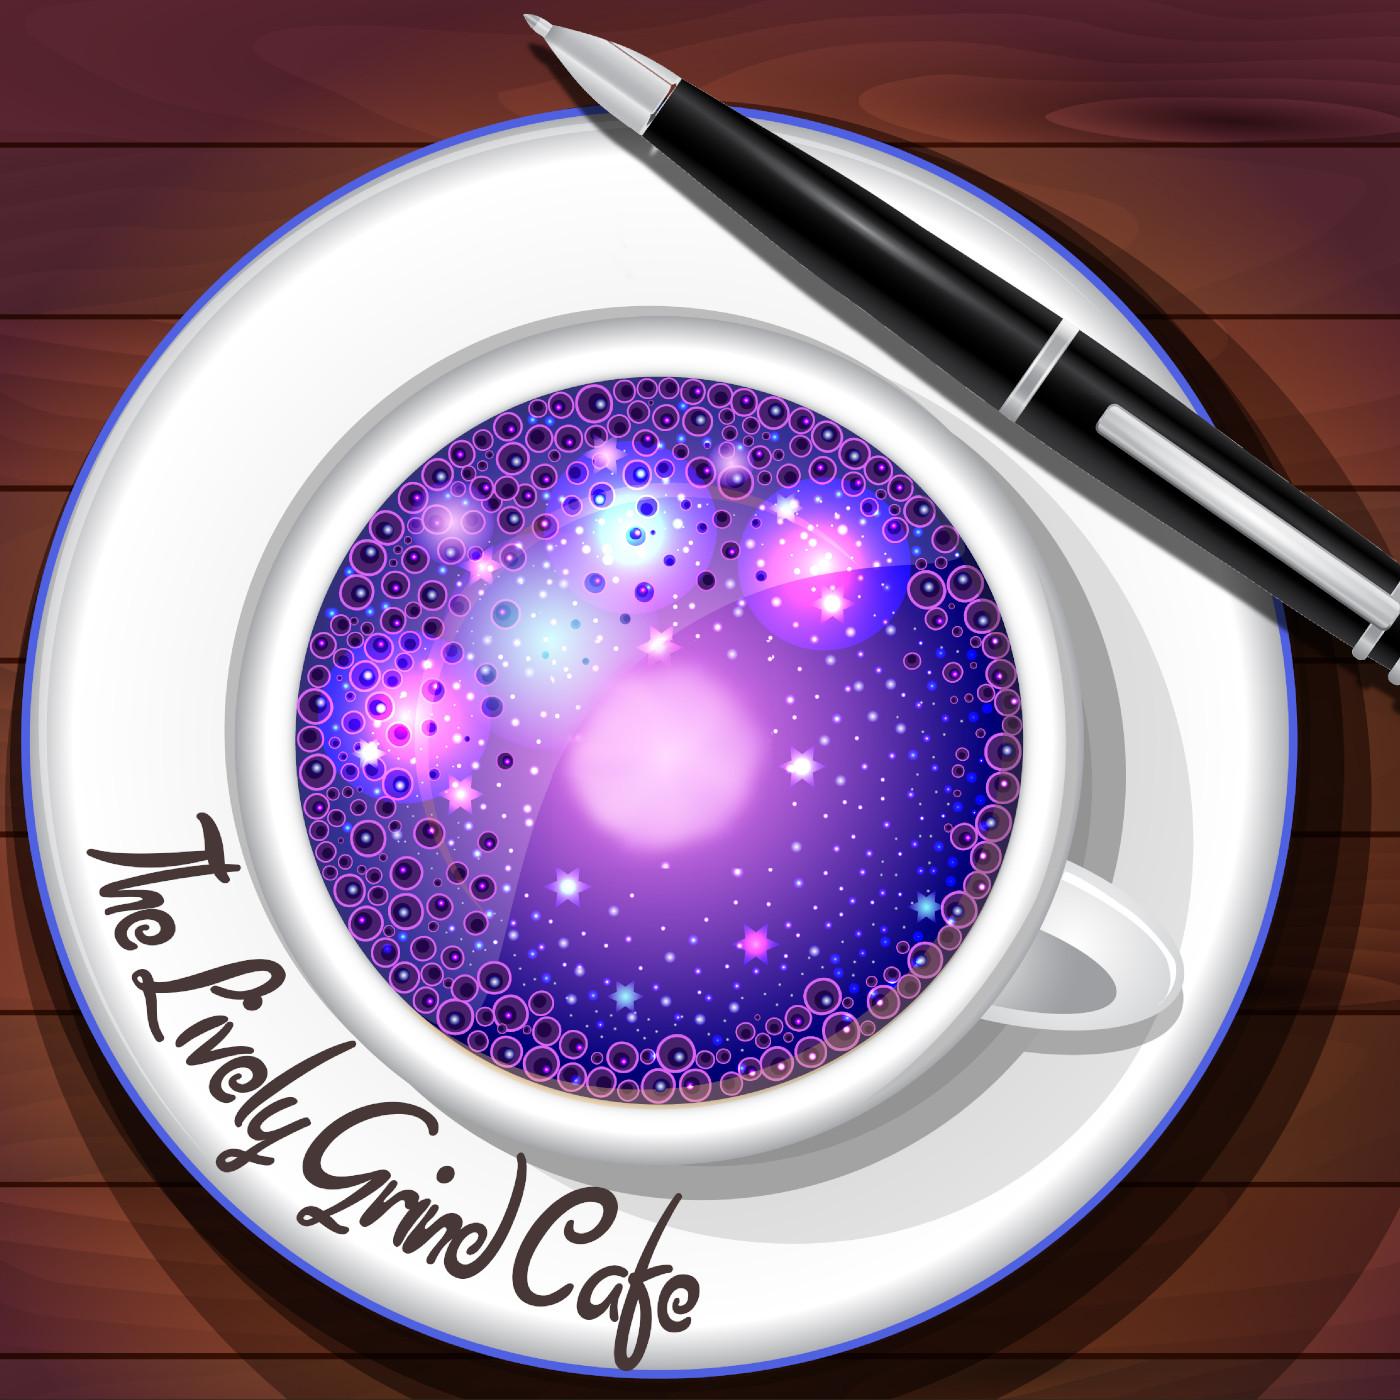 The Lively Grind Cafe